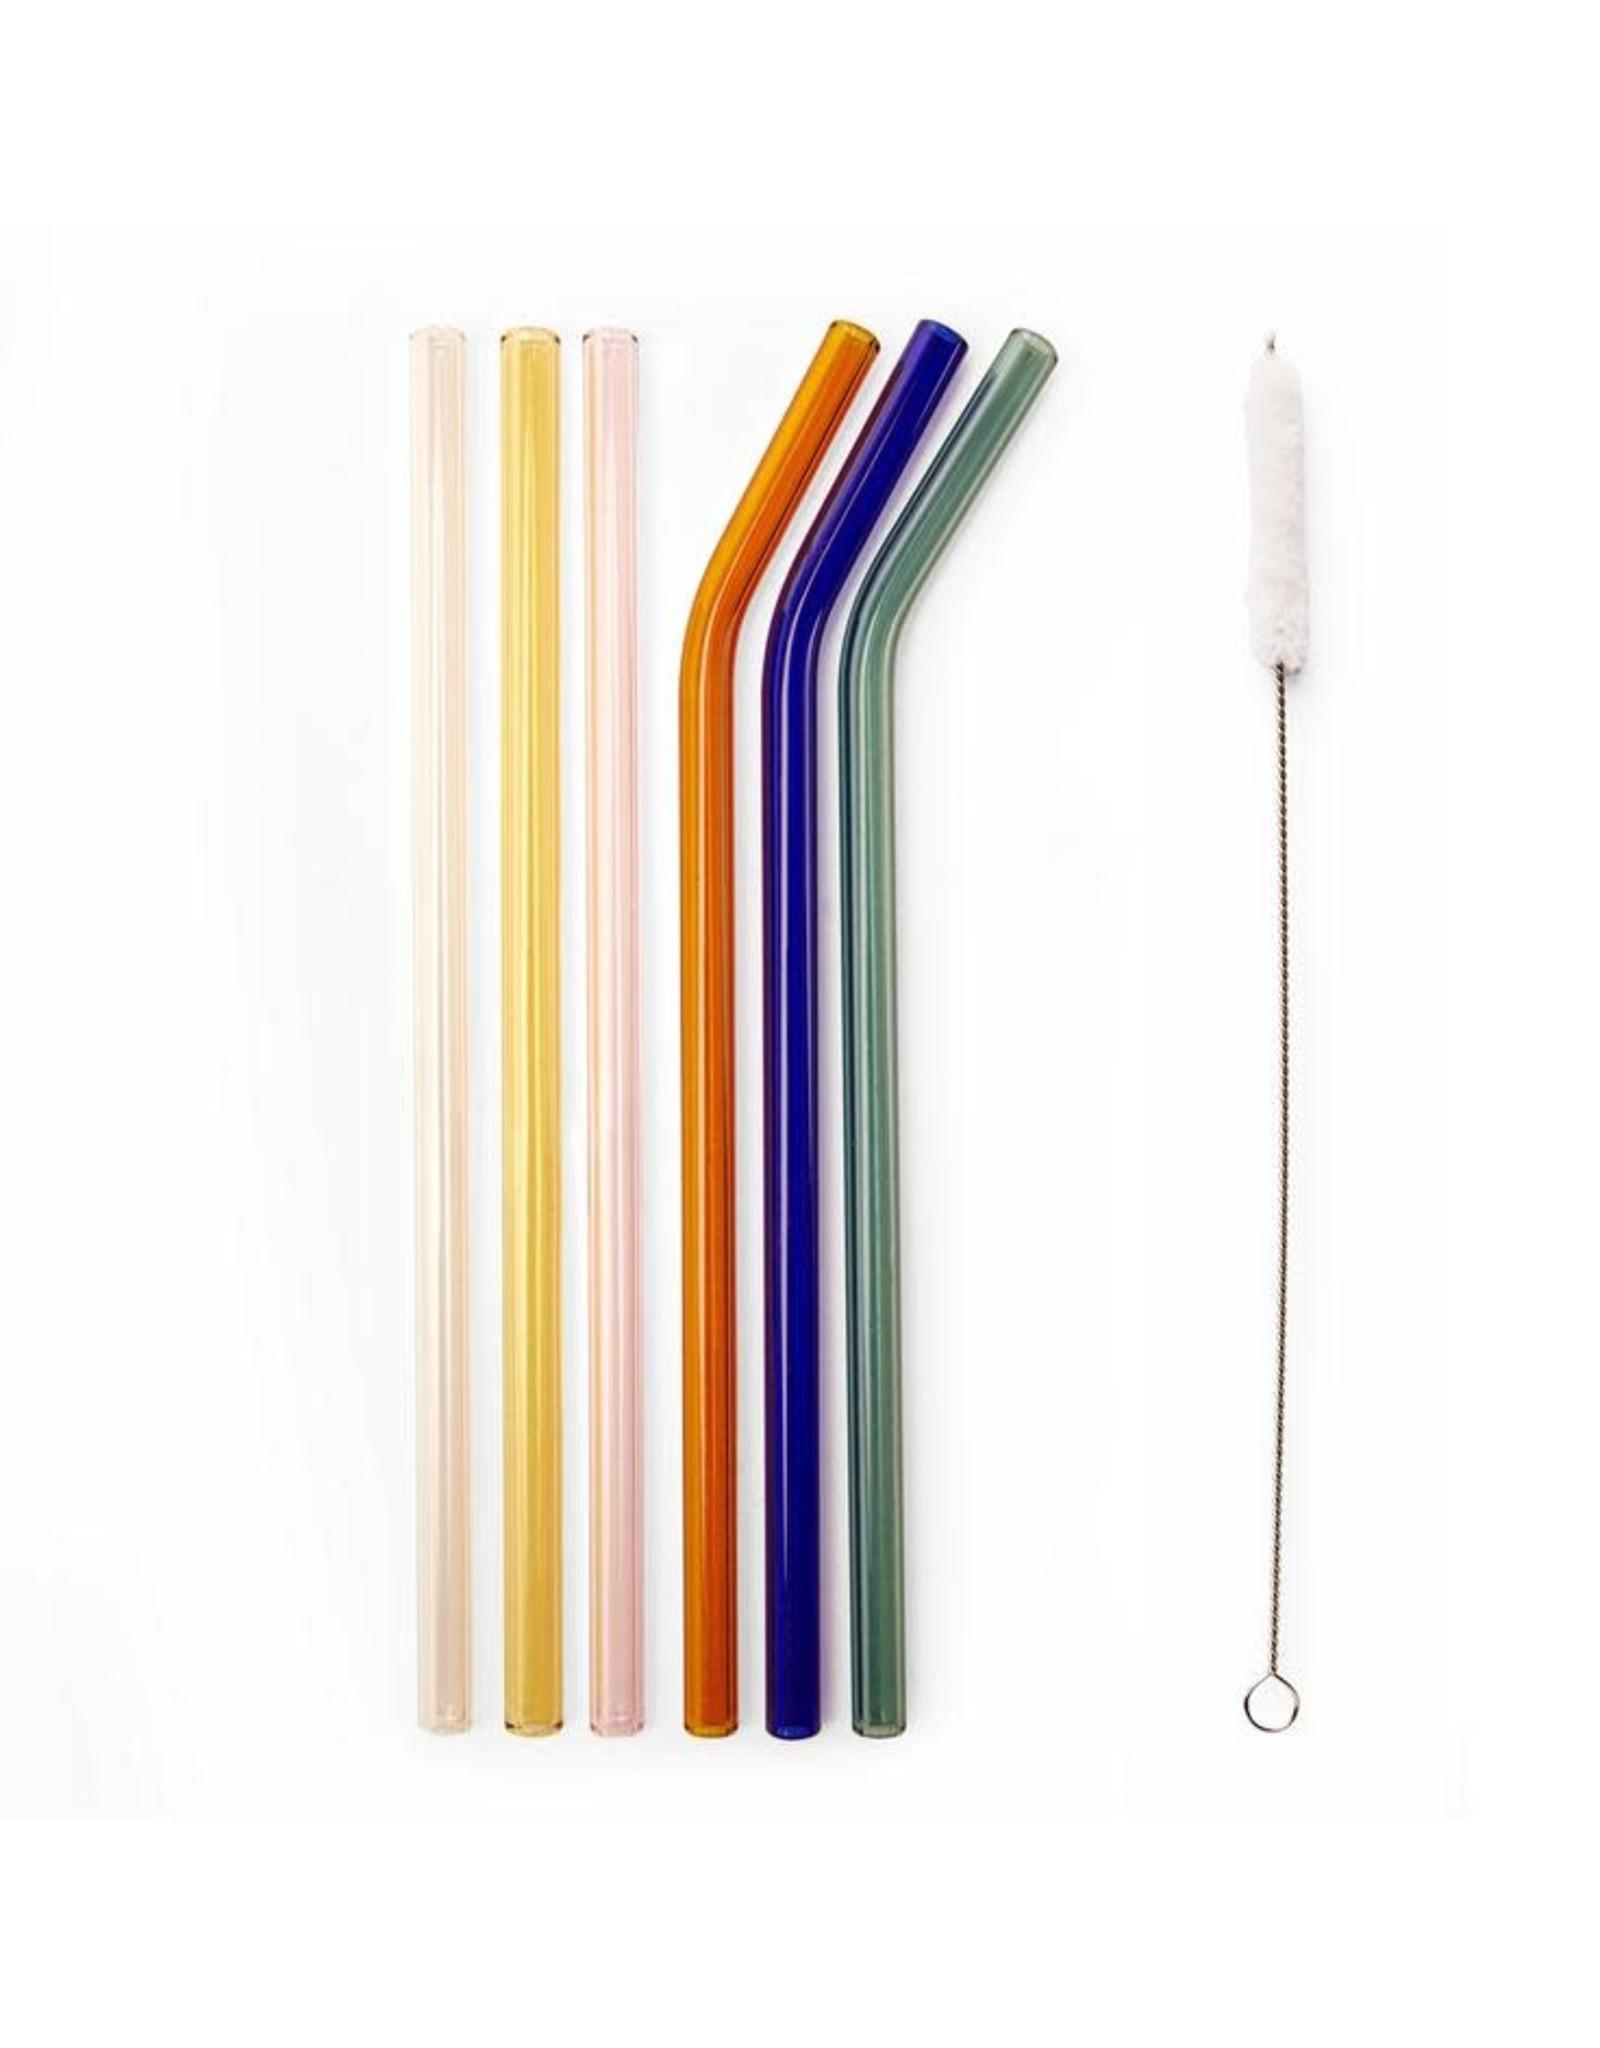 reusable straws - glass (colorful)